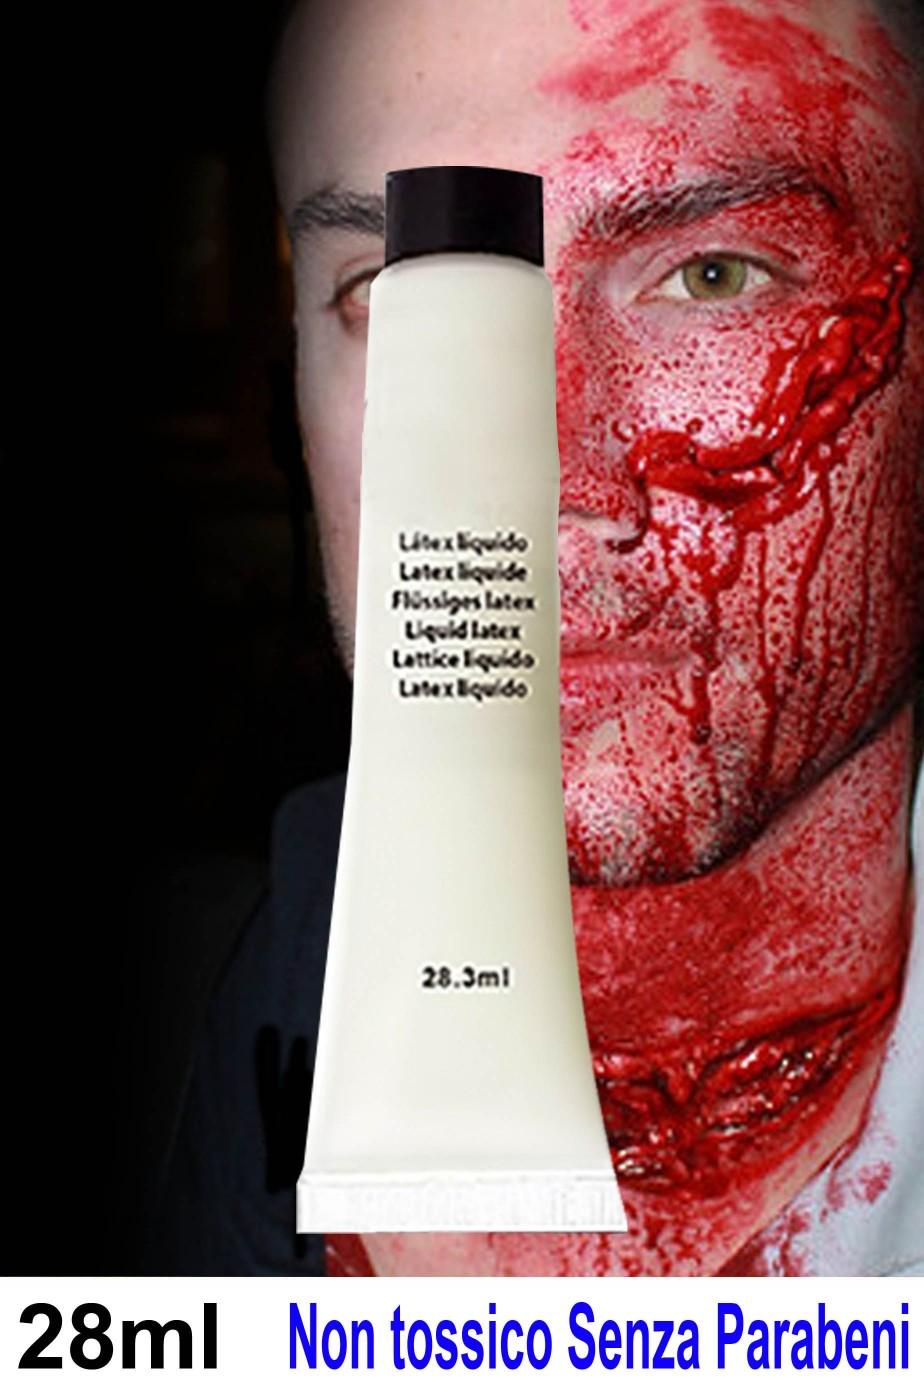 Lattice liquido per trucco halloween e ferite dell'orrore